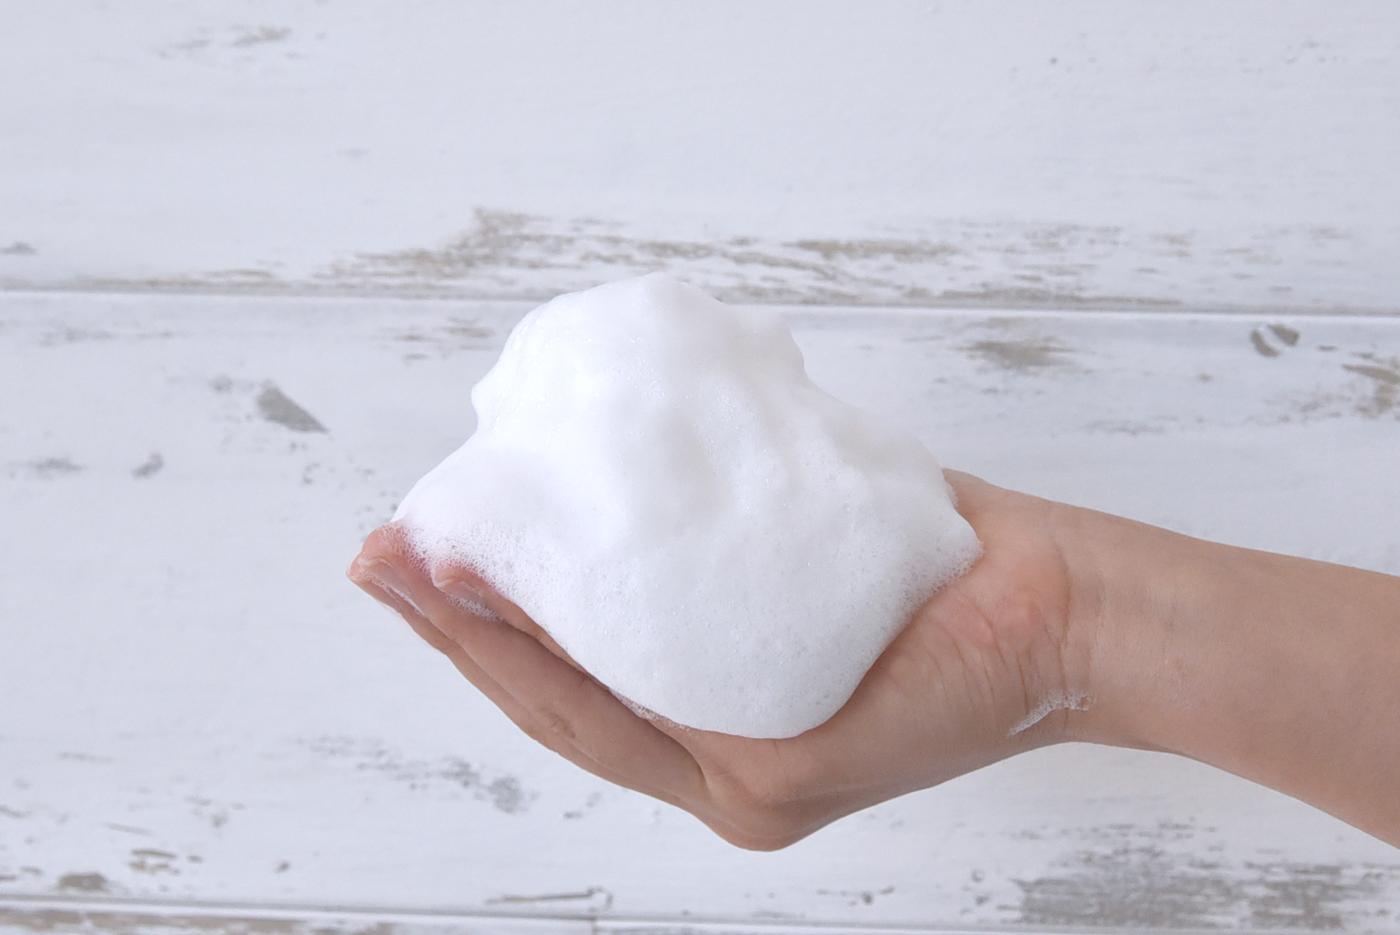 再ブーム到来!《固形石鹸》のおすすめ人気ランキング13選を紹介の3枚目の画像